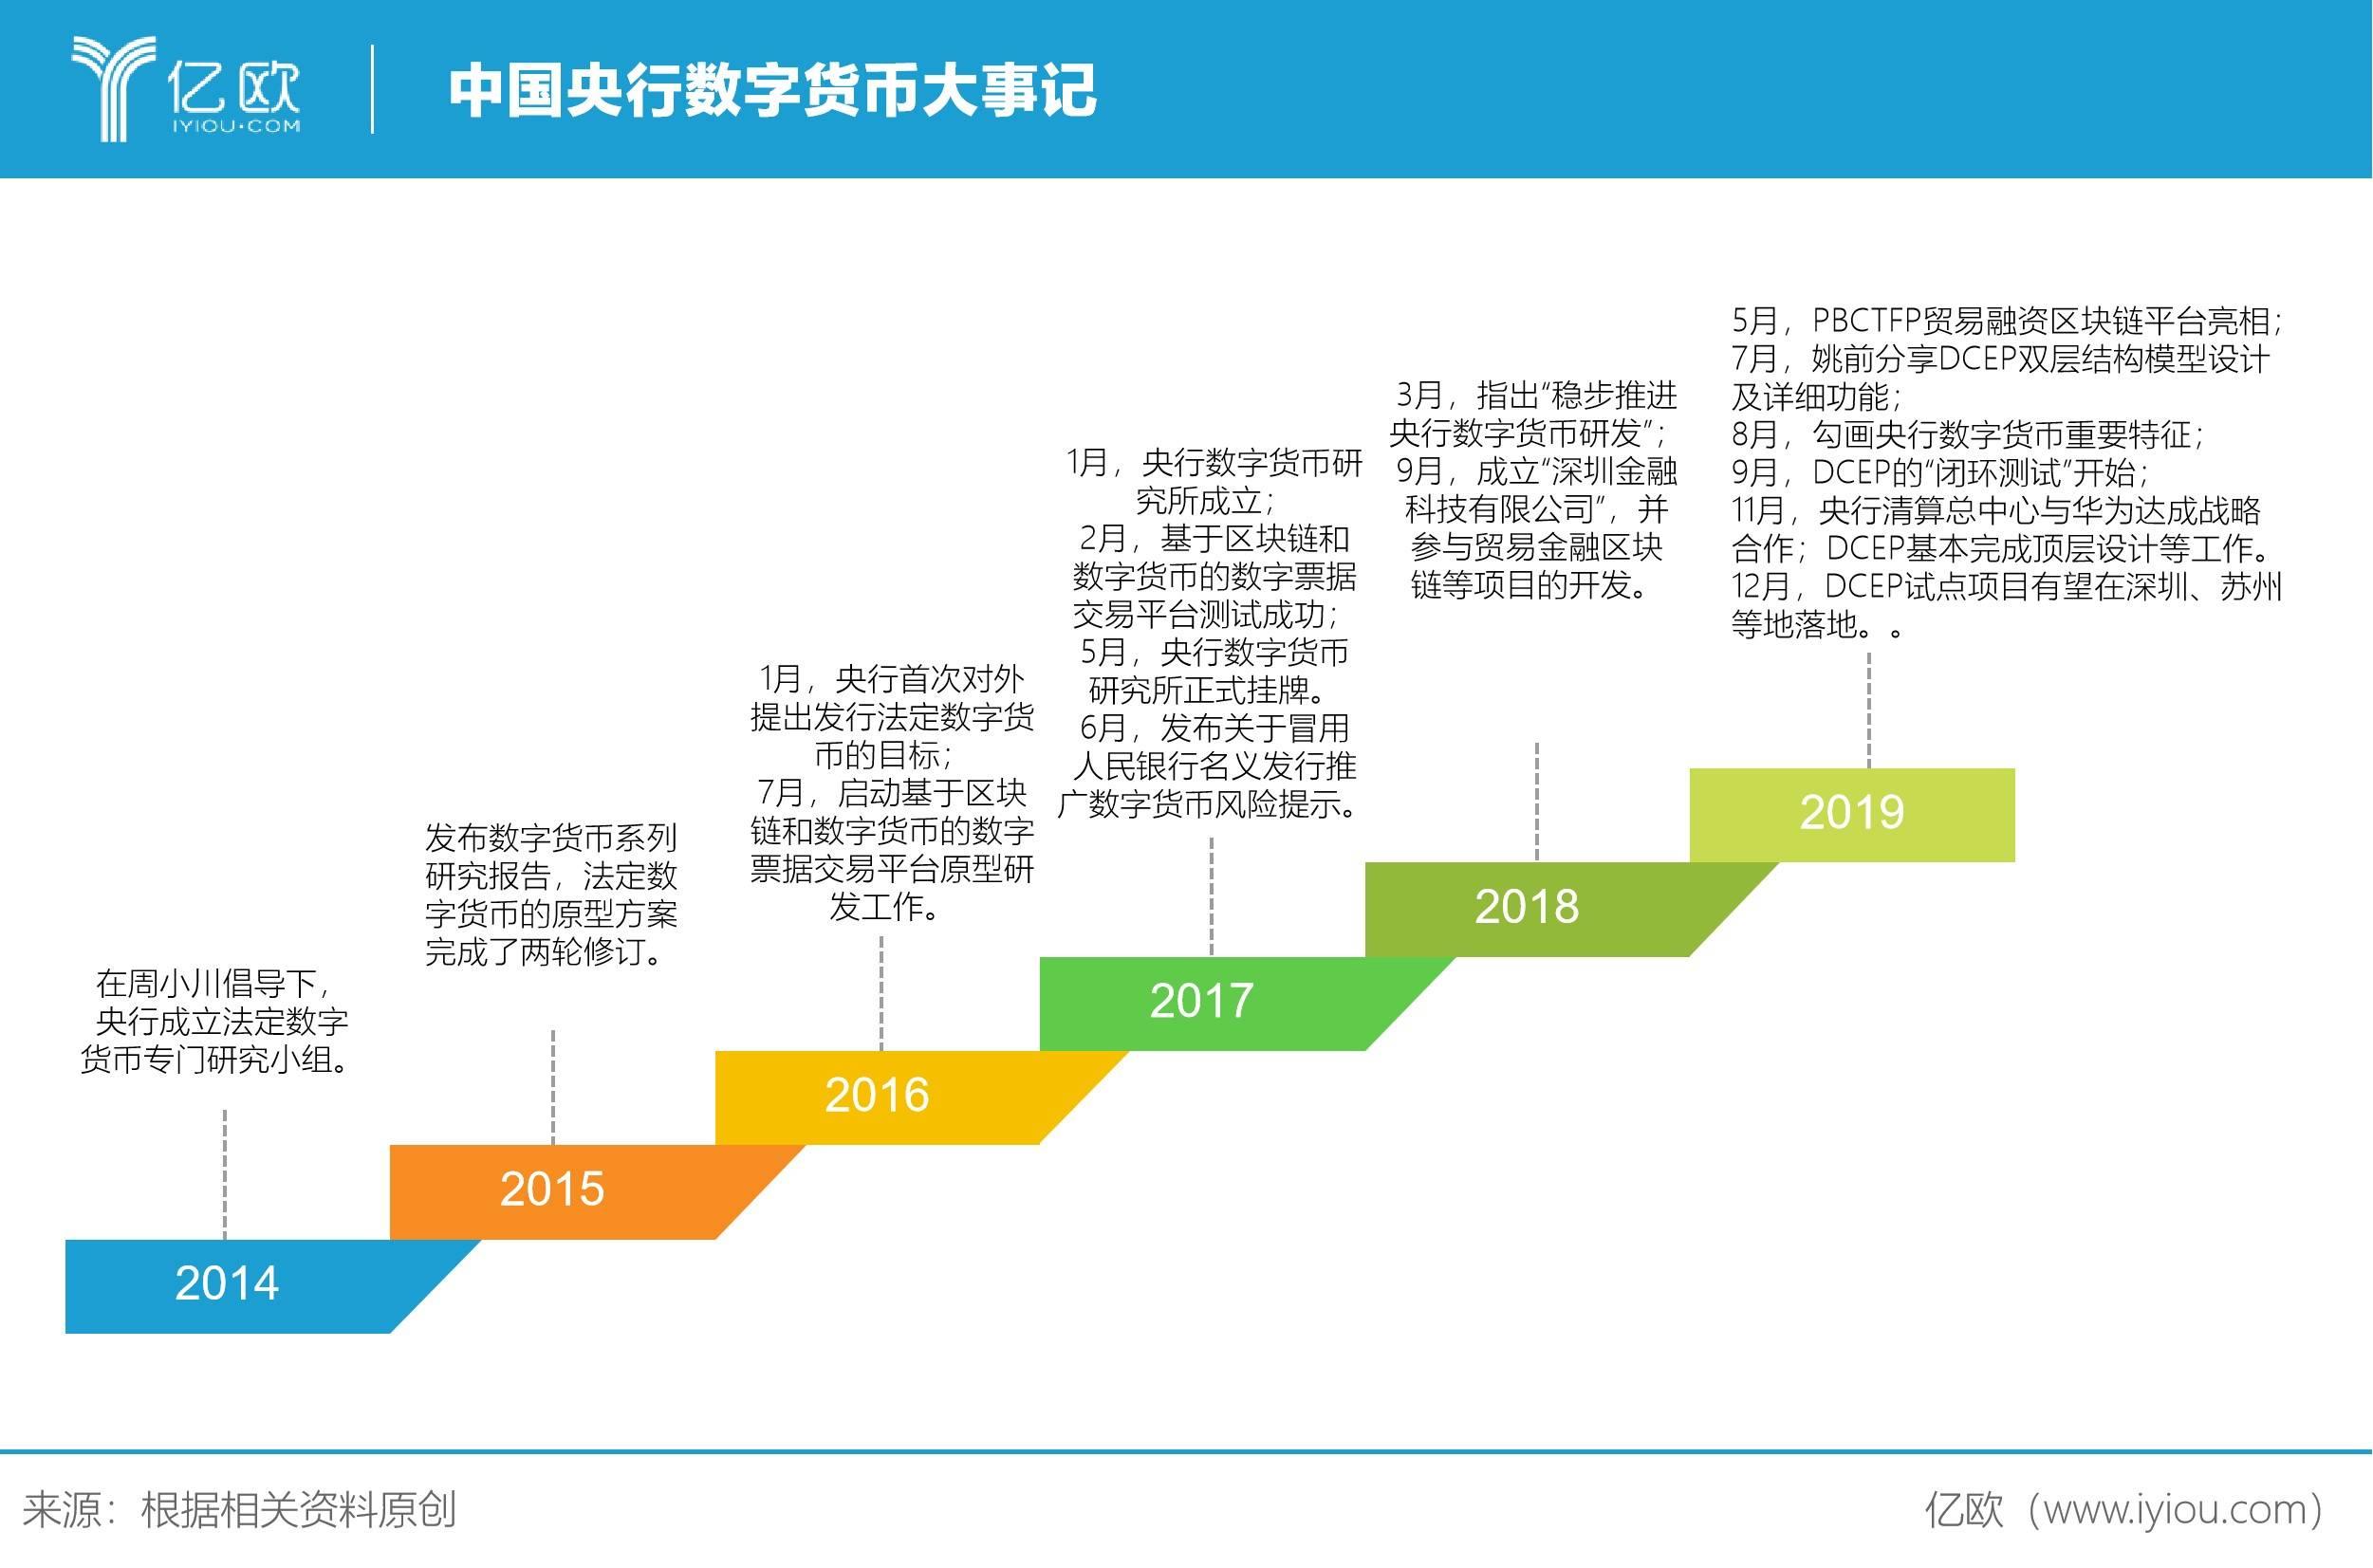 中國央行數字貨幣大事記